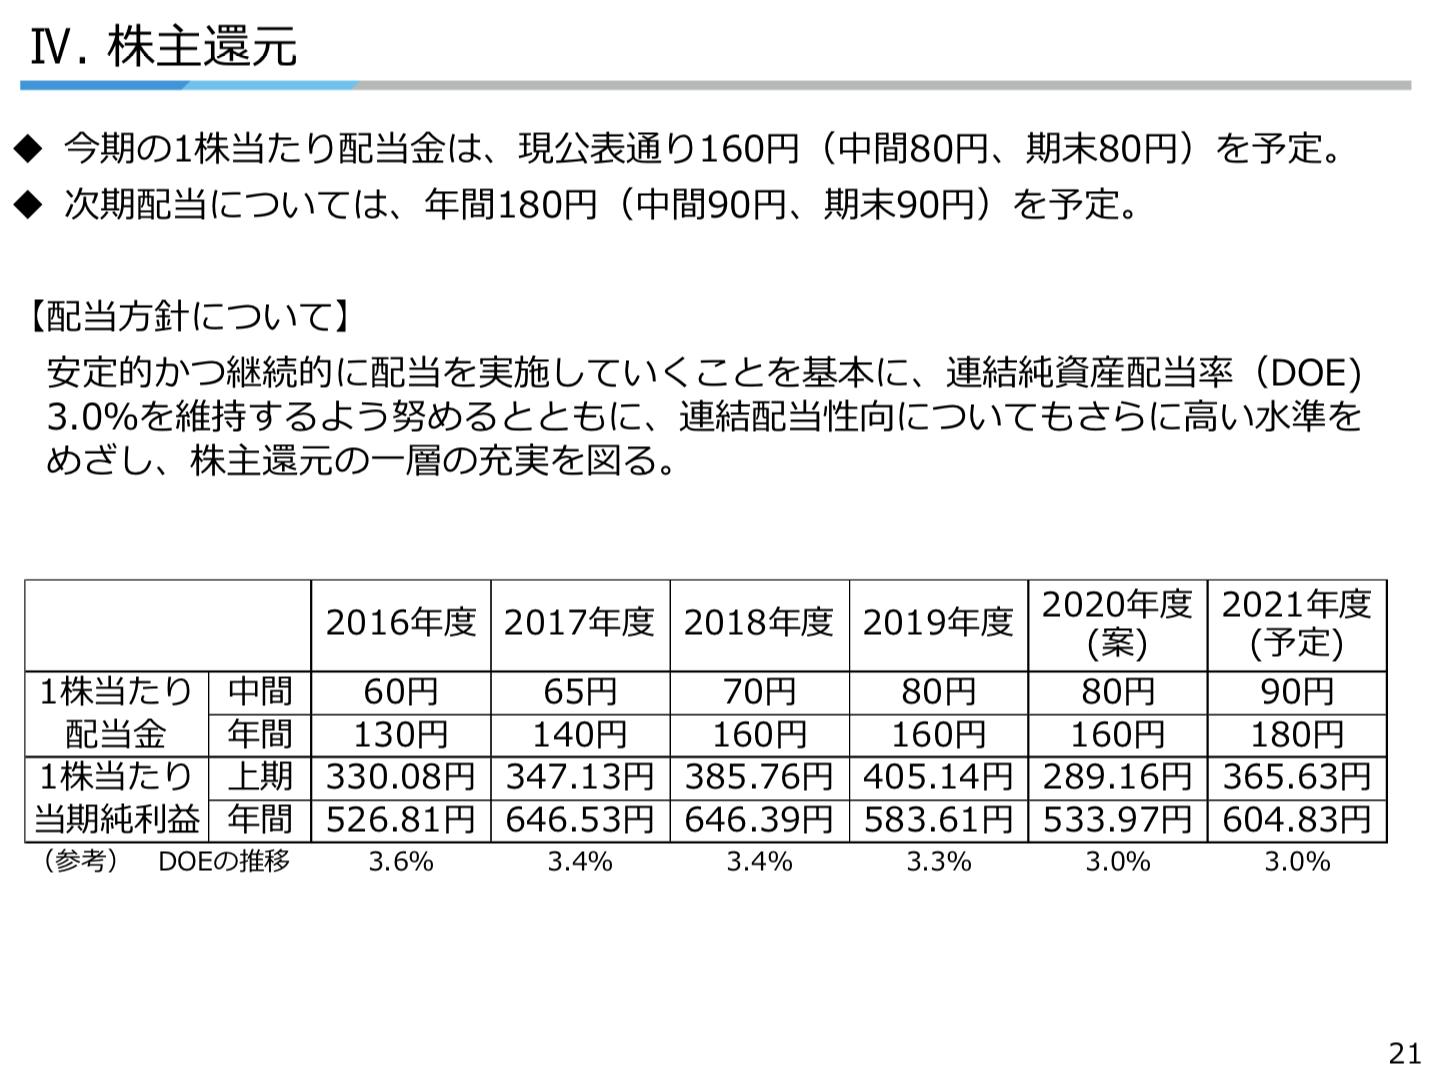 ダイキン工業株式会社 2021年3月期 決算説明資料